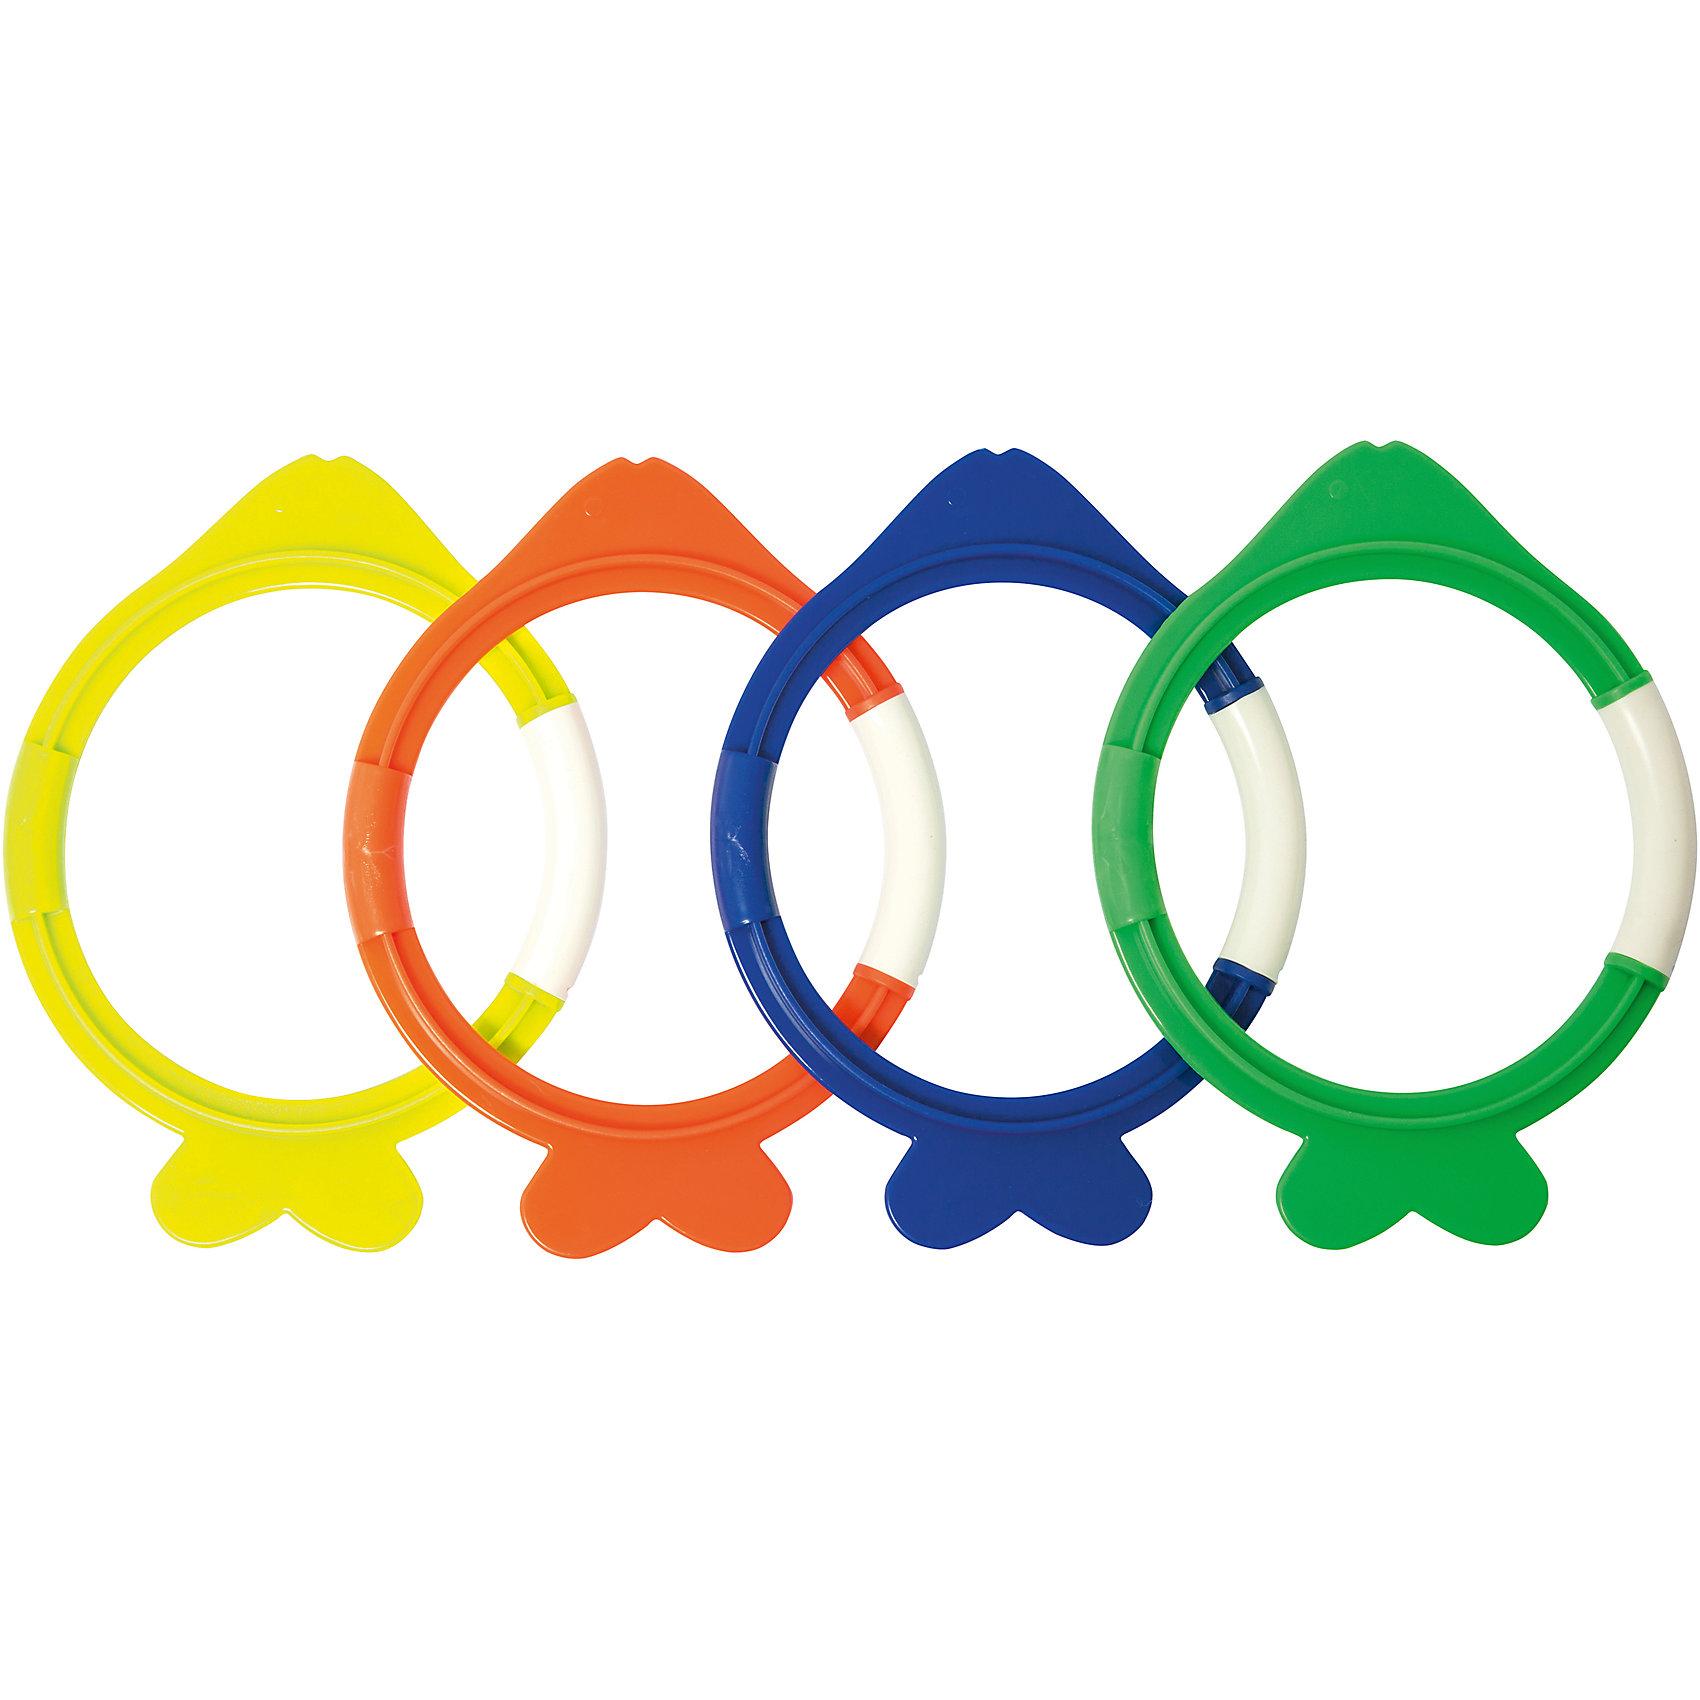 Набор колец для ныряния Dive Fish, BestwayОчки, маски, ласты, шапочки<br>Набор колец для ныряния Dive Fish, Bestway (Бествей)<br><br>Характеристики:<br><br>• с кольцами можно устроить увлекательные соревнования для начинающих дайверов<br>• в комплекте: 4 кольца разных цветов<br>• материал: пластик<br>• размер упаковки: 23х25,5х61,5 см<br>• вес: 238 грамм<br><br>С набором колец Dive Fish вы сможете устроить настоящие соревнования для юных пловцов. Основание кольца находится внизу бассейна или водоема. Задача игрока - достать кольцо нужного цвета. Кроме того, вы сможете самостоятельно придумать различные игры, которые понравятся вашей семье. Отличное решение для активного отдыха!<br><br>Набор колец для ныряния Dive Fish, Bestway (Бествей) можно купить в нашем интернет-магазине.<br><br>Ширина мм: 615<br>Глубина мм: 255<br>Высота мм: 230<br>Вес г: 238<br>Возраст от месяцев: 36<br>Возраст до месяцев: 2147483647<br>Пол: Унисекс<br>Возраст: Детский<br>SKU: 5486863